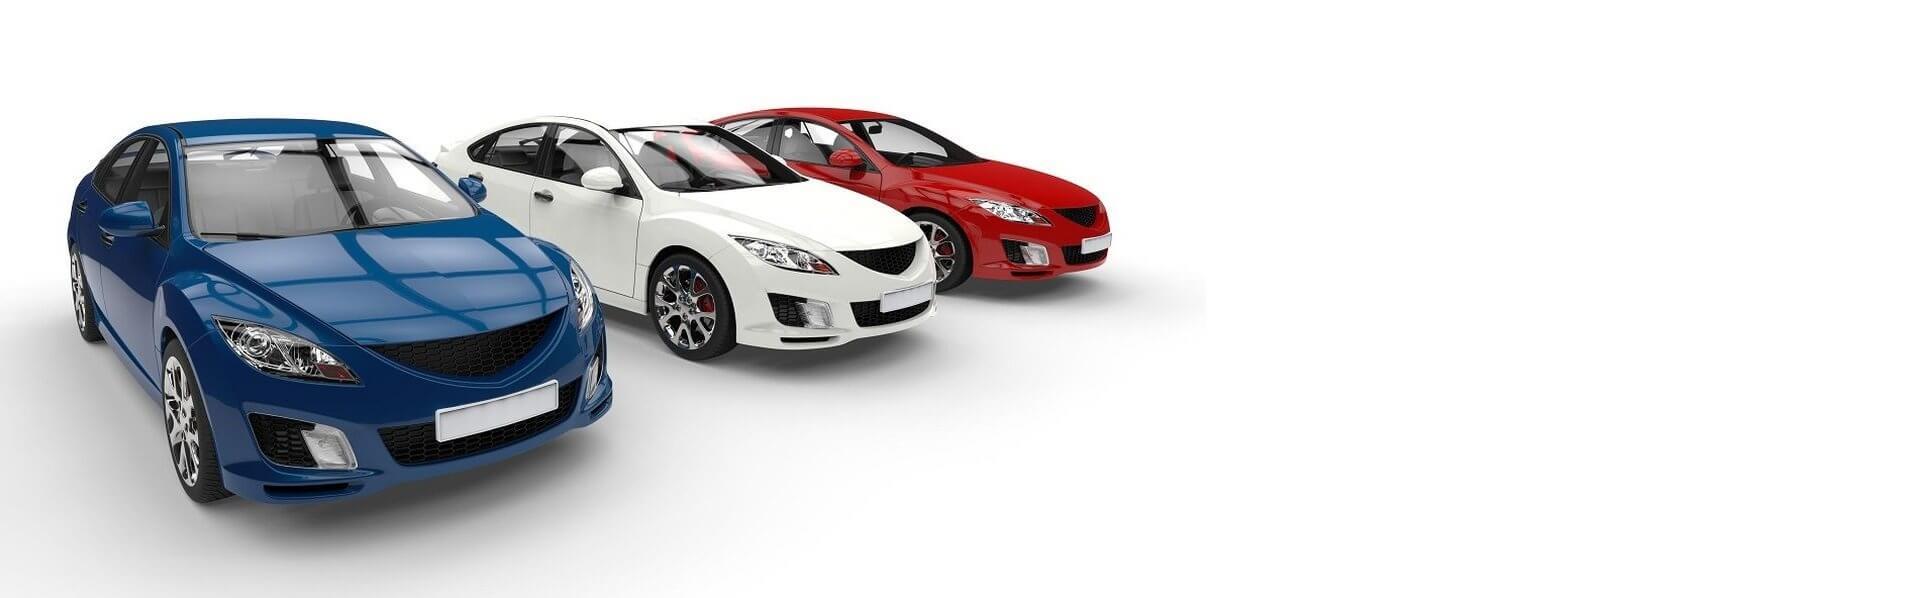 wypozyczalnia samochodow osobowych i dostawczych w dobrych cenach